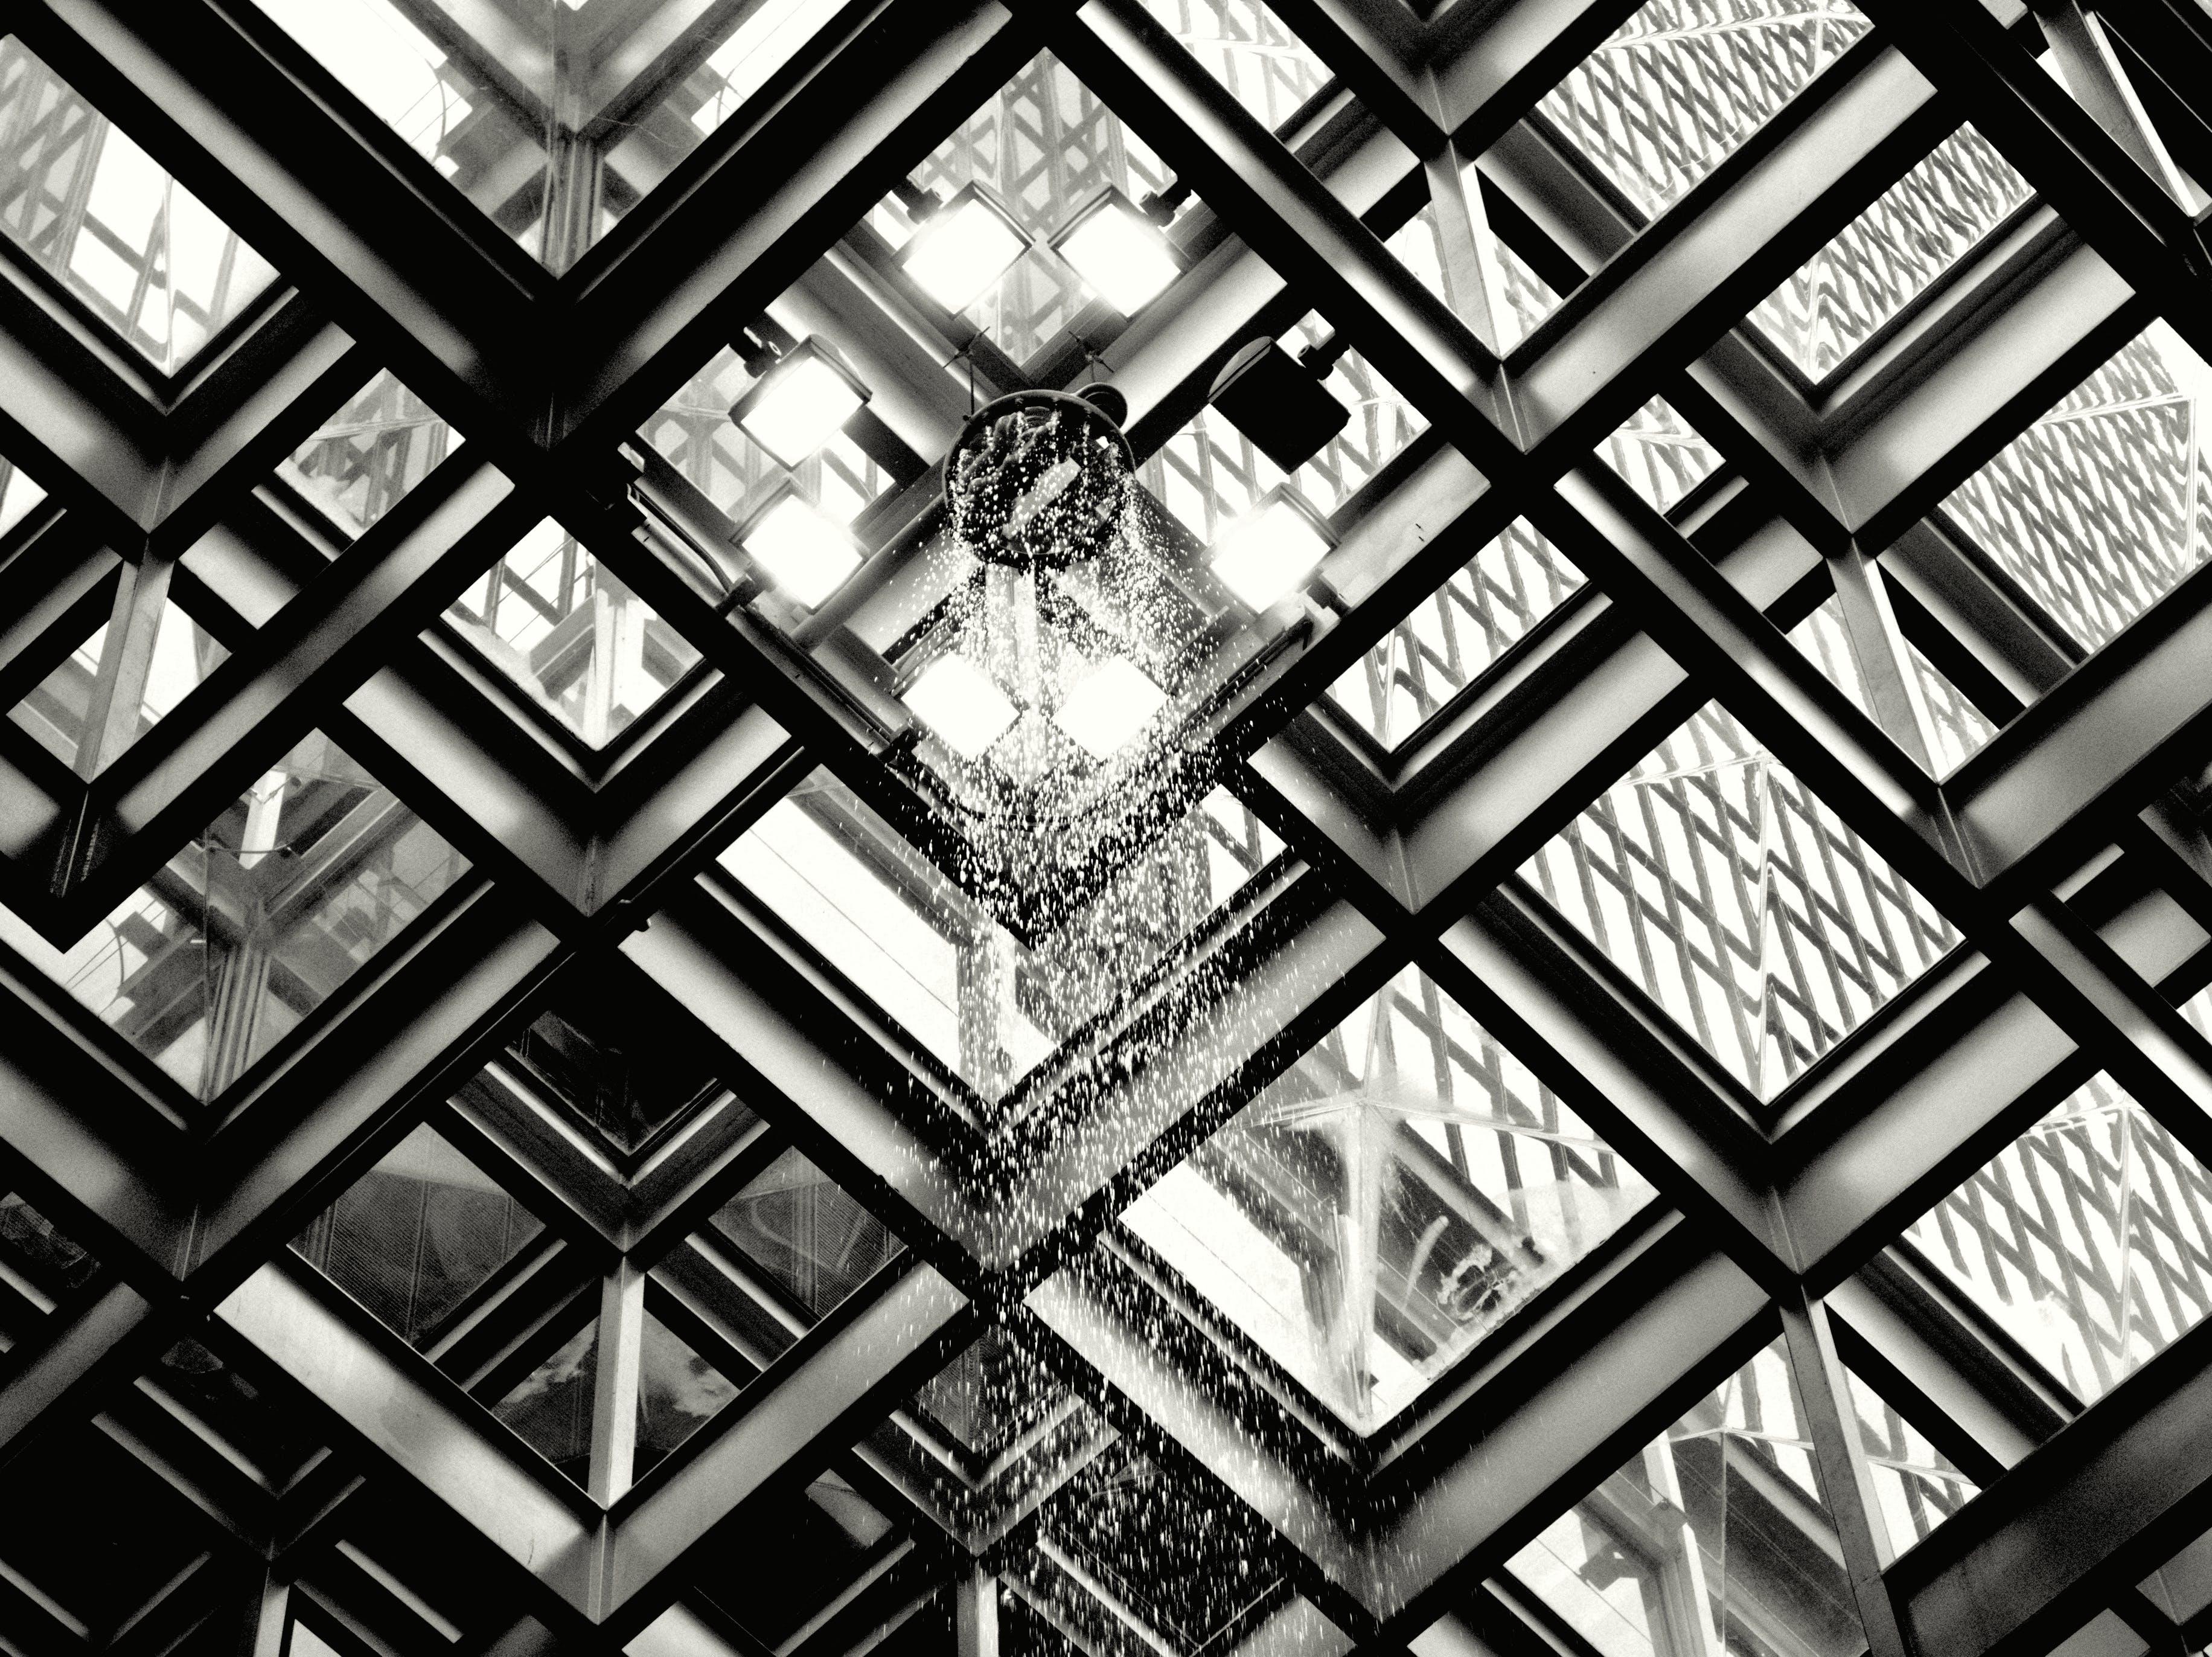 về ánh sáng, hình dạng, hình học, kết cấu